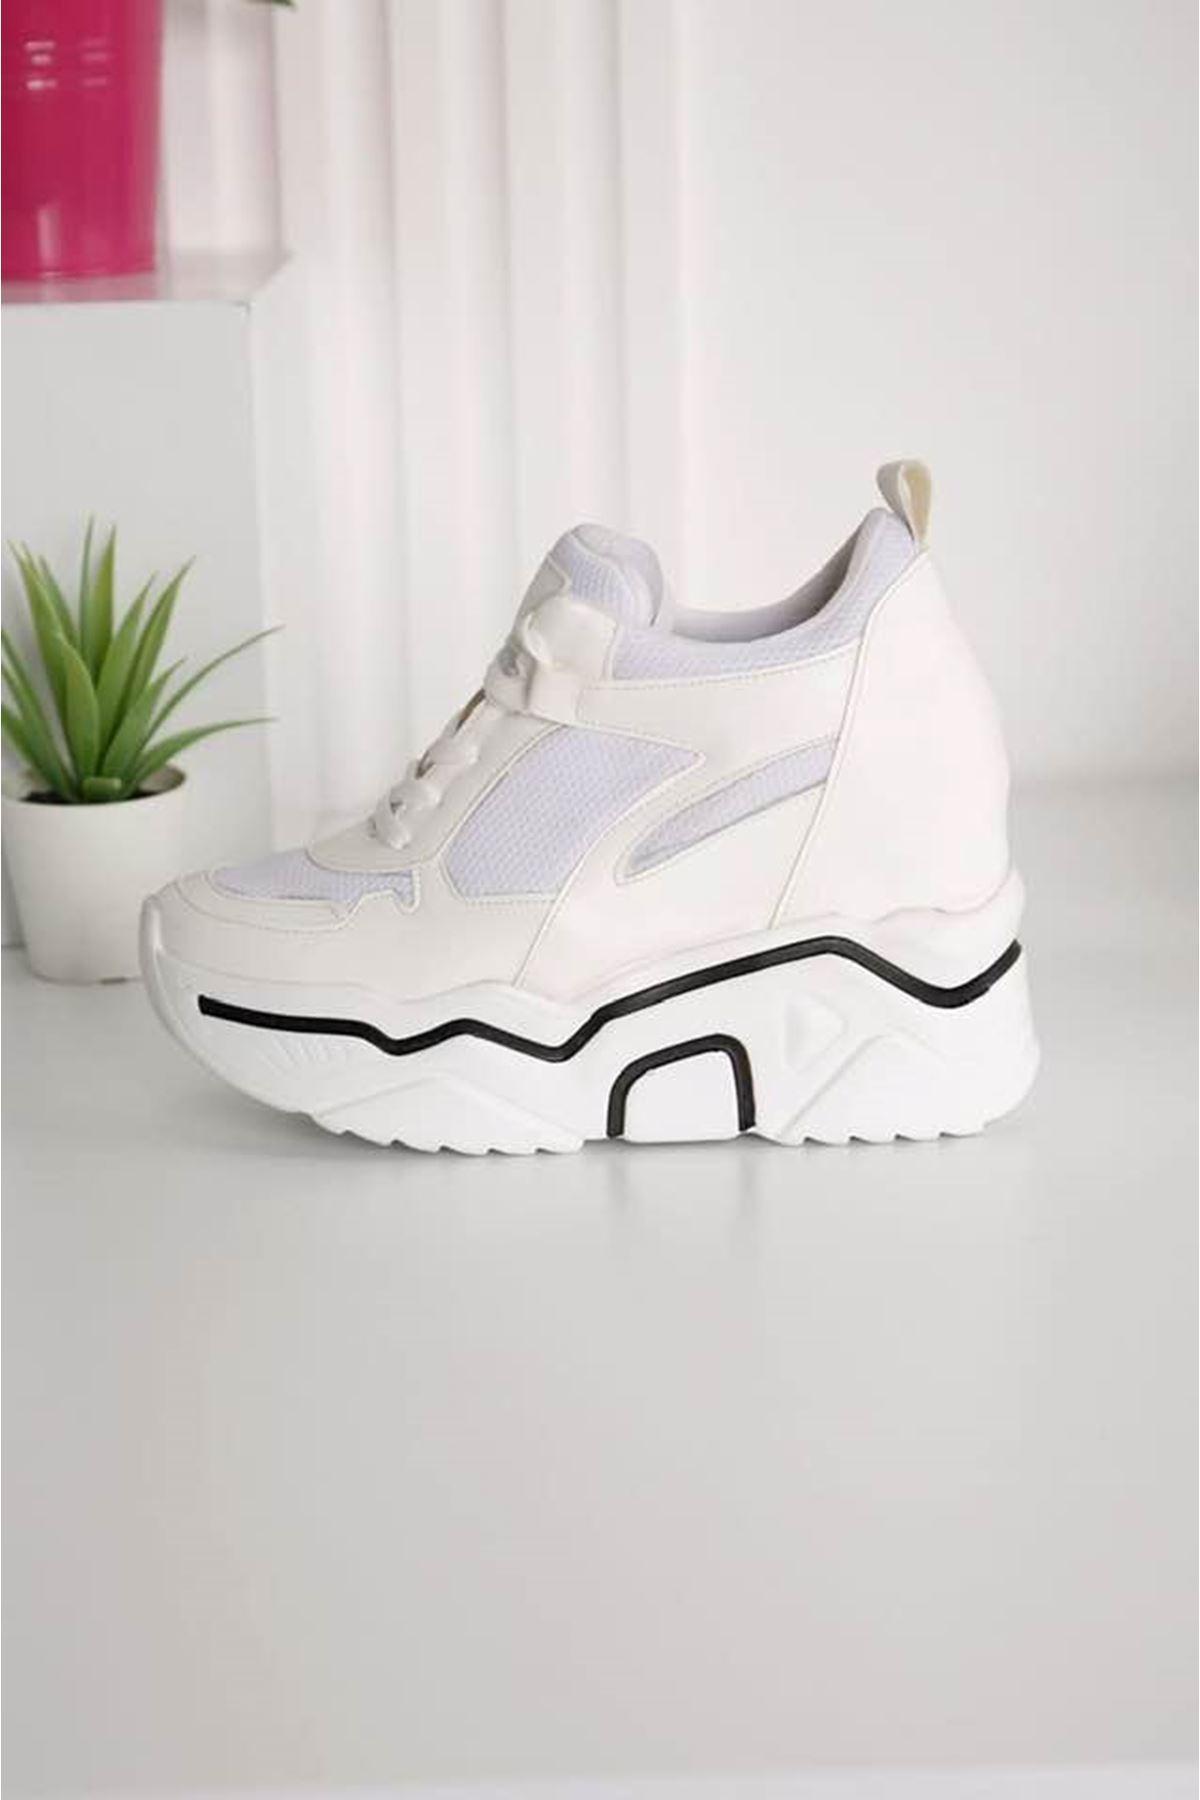 Showy Beyaz Platform Spor Ayakkabı